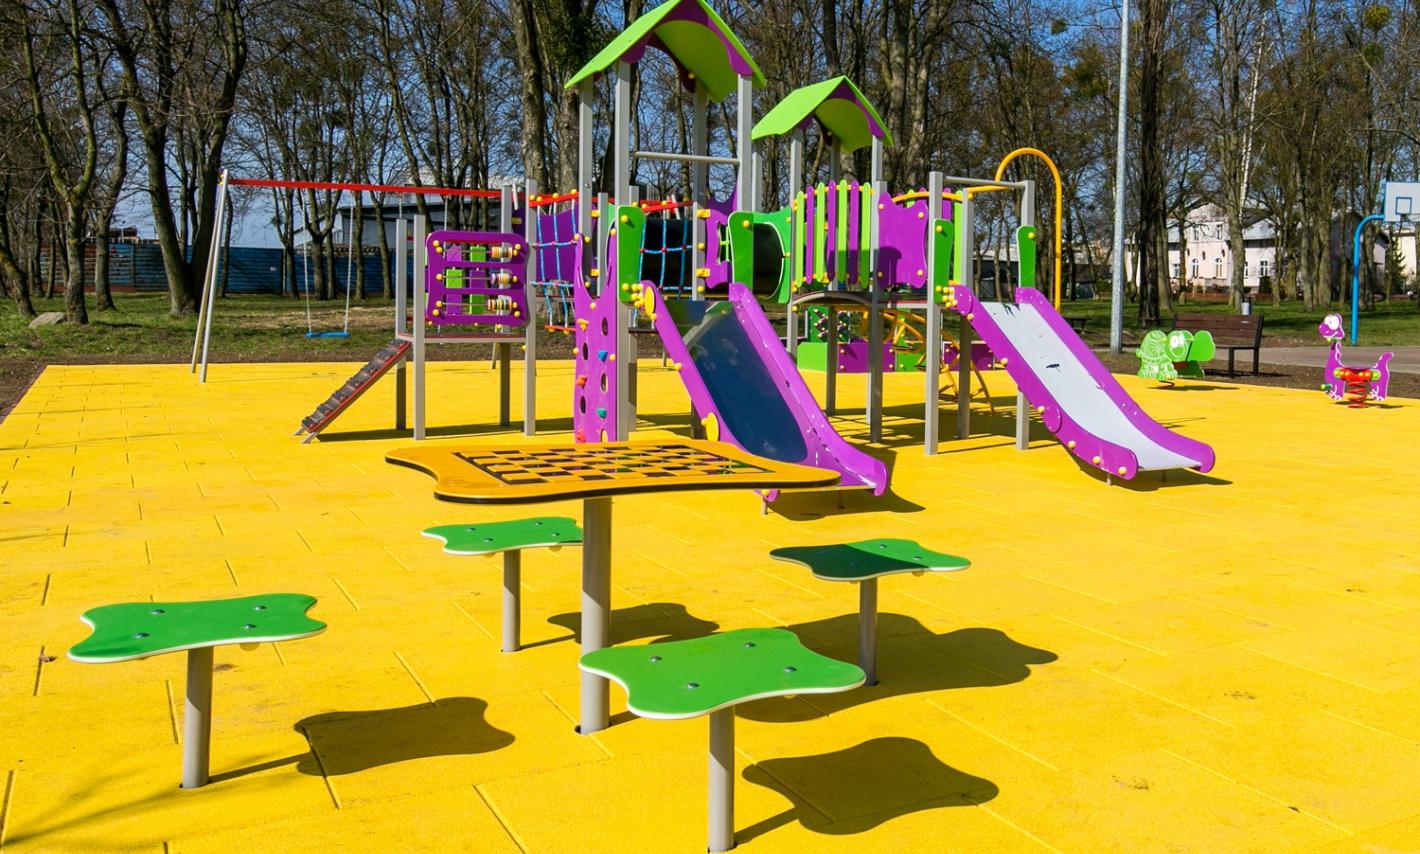 Nowy plac zabaw w Sulnowie, widok na zjeżdżalnie